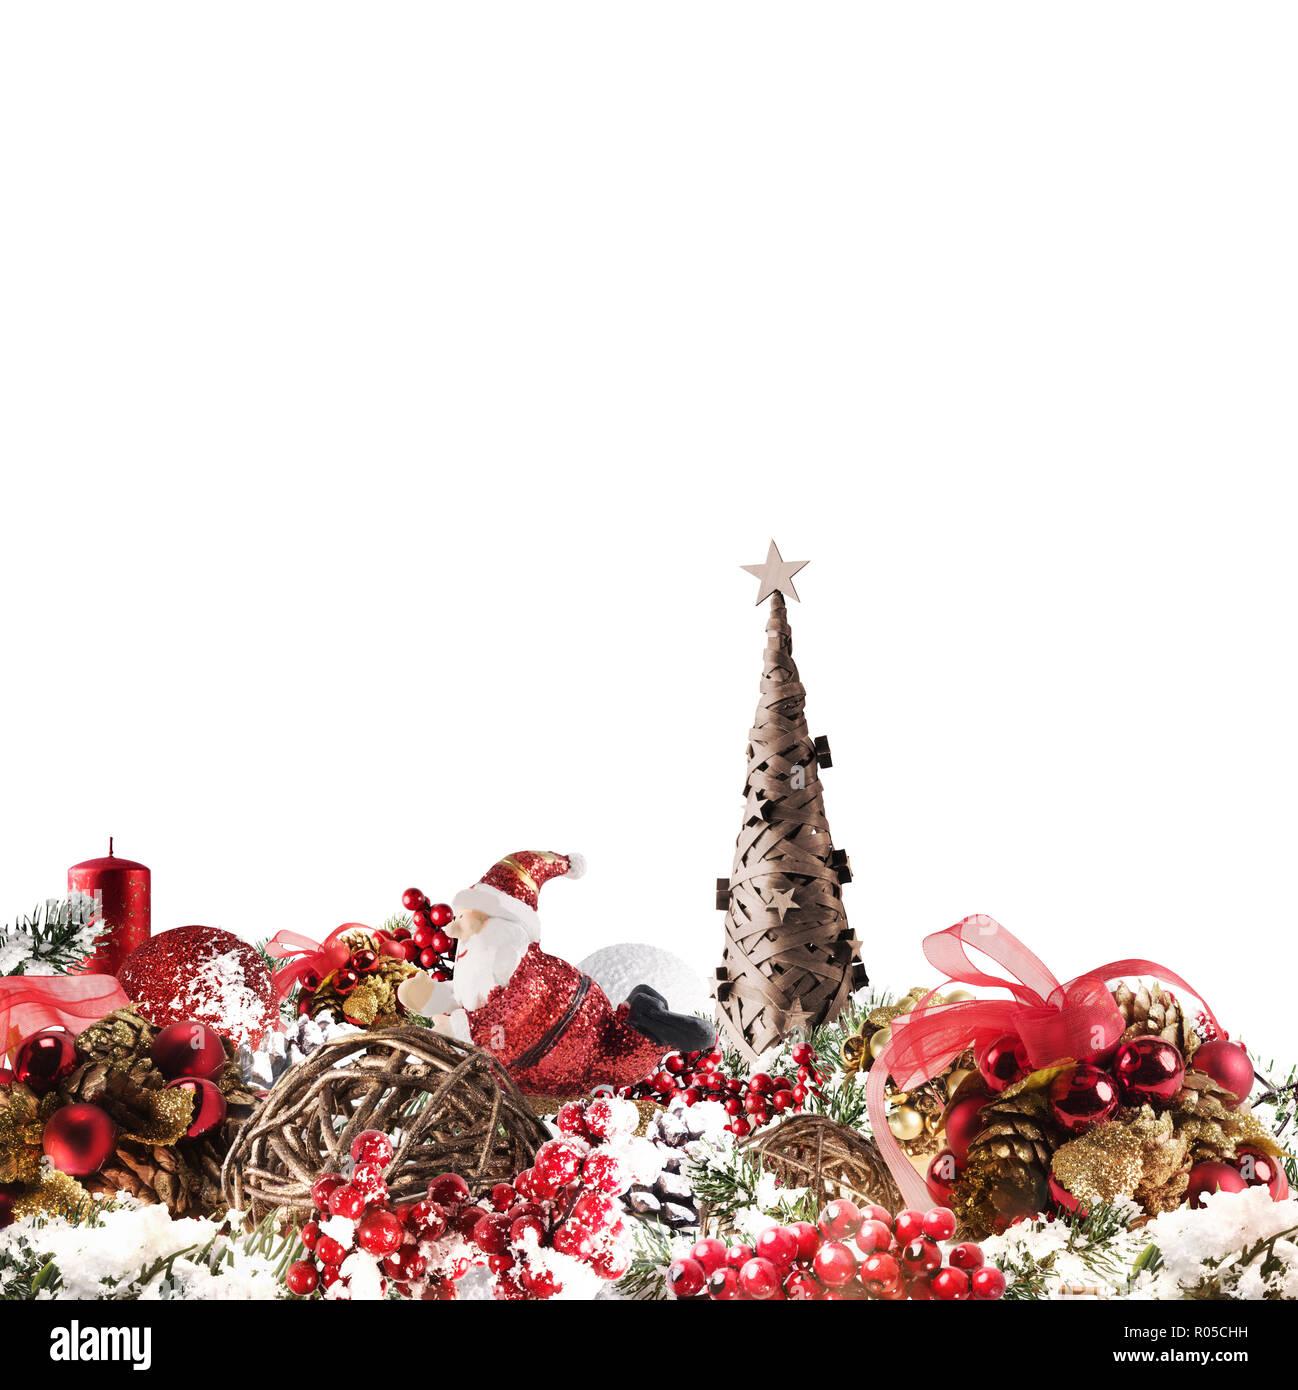 422610cc3ee El concepto de fondo de Navidad. Brillantes decoraciones de navidad con  árbol